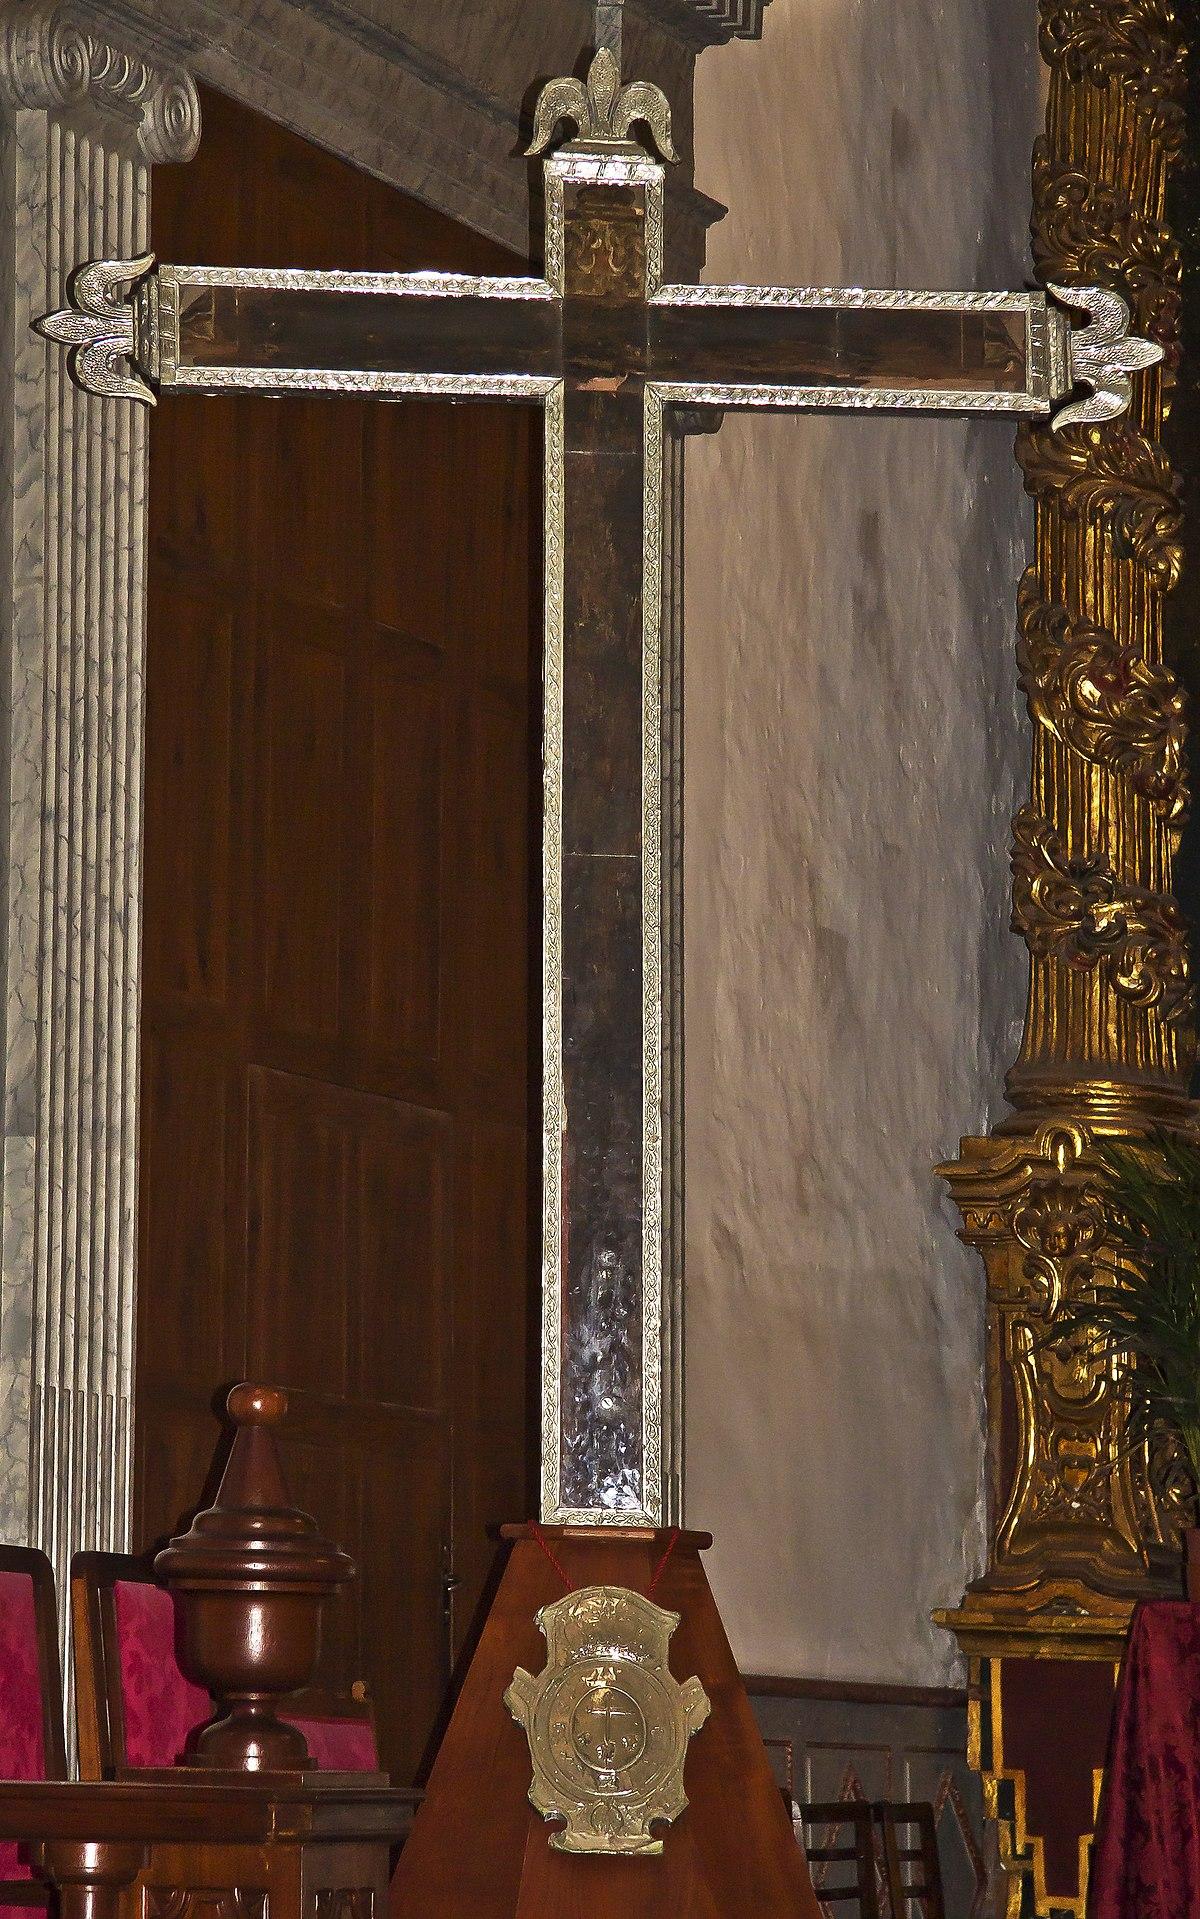 Santa cruz fundacional santa cruz de tenerife for Gimnasio santa cruz de tenerife